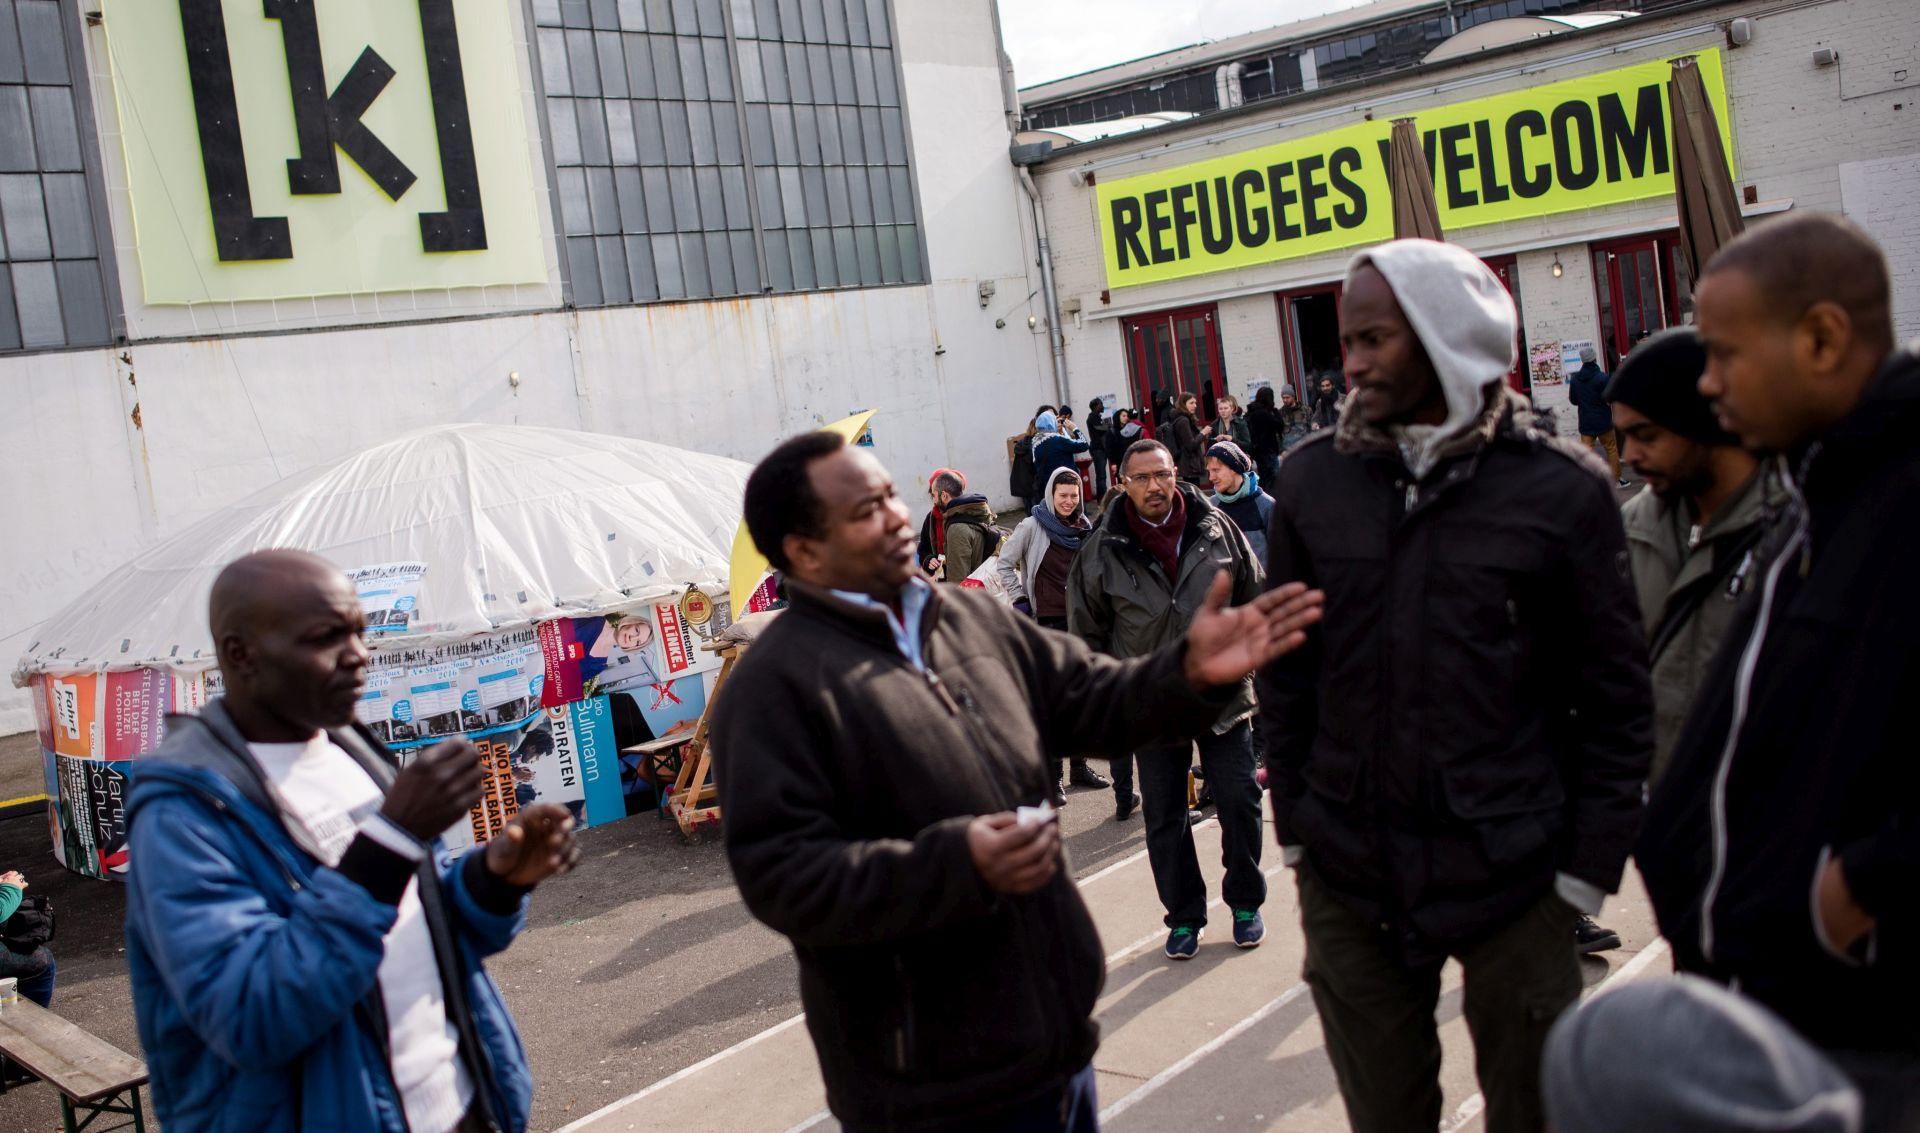 NJEMAČKA Skoro deset napada dnevno na migrante